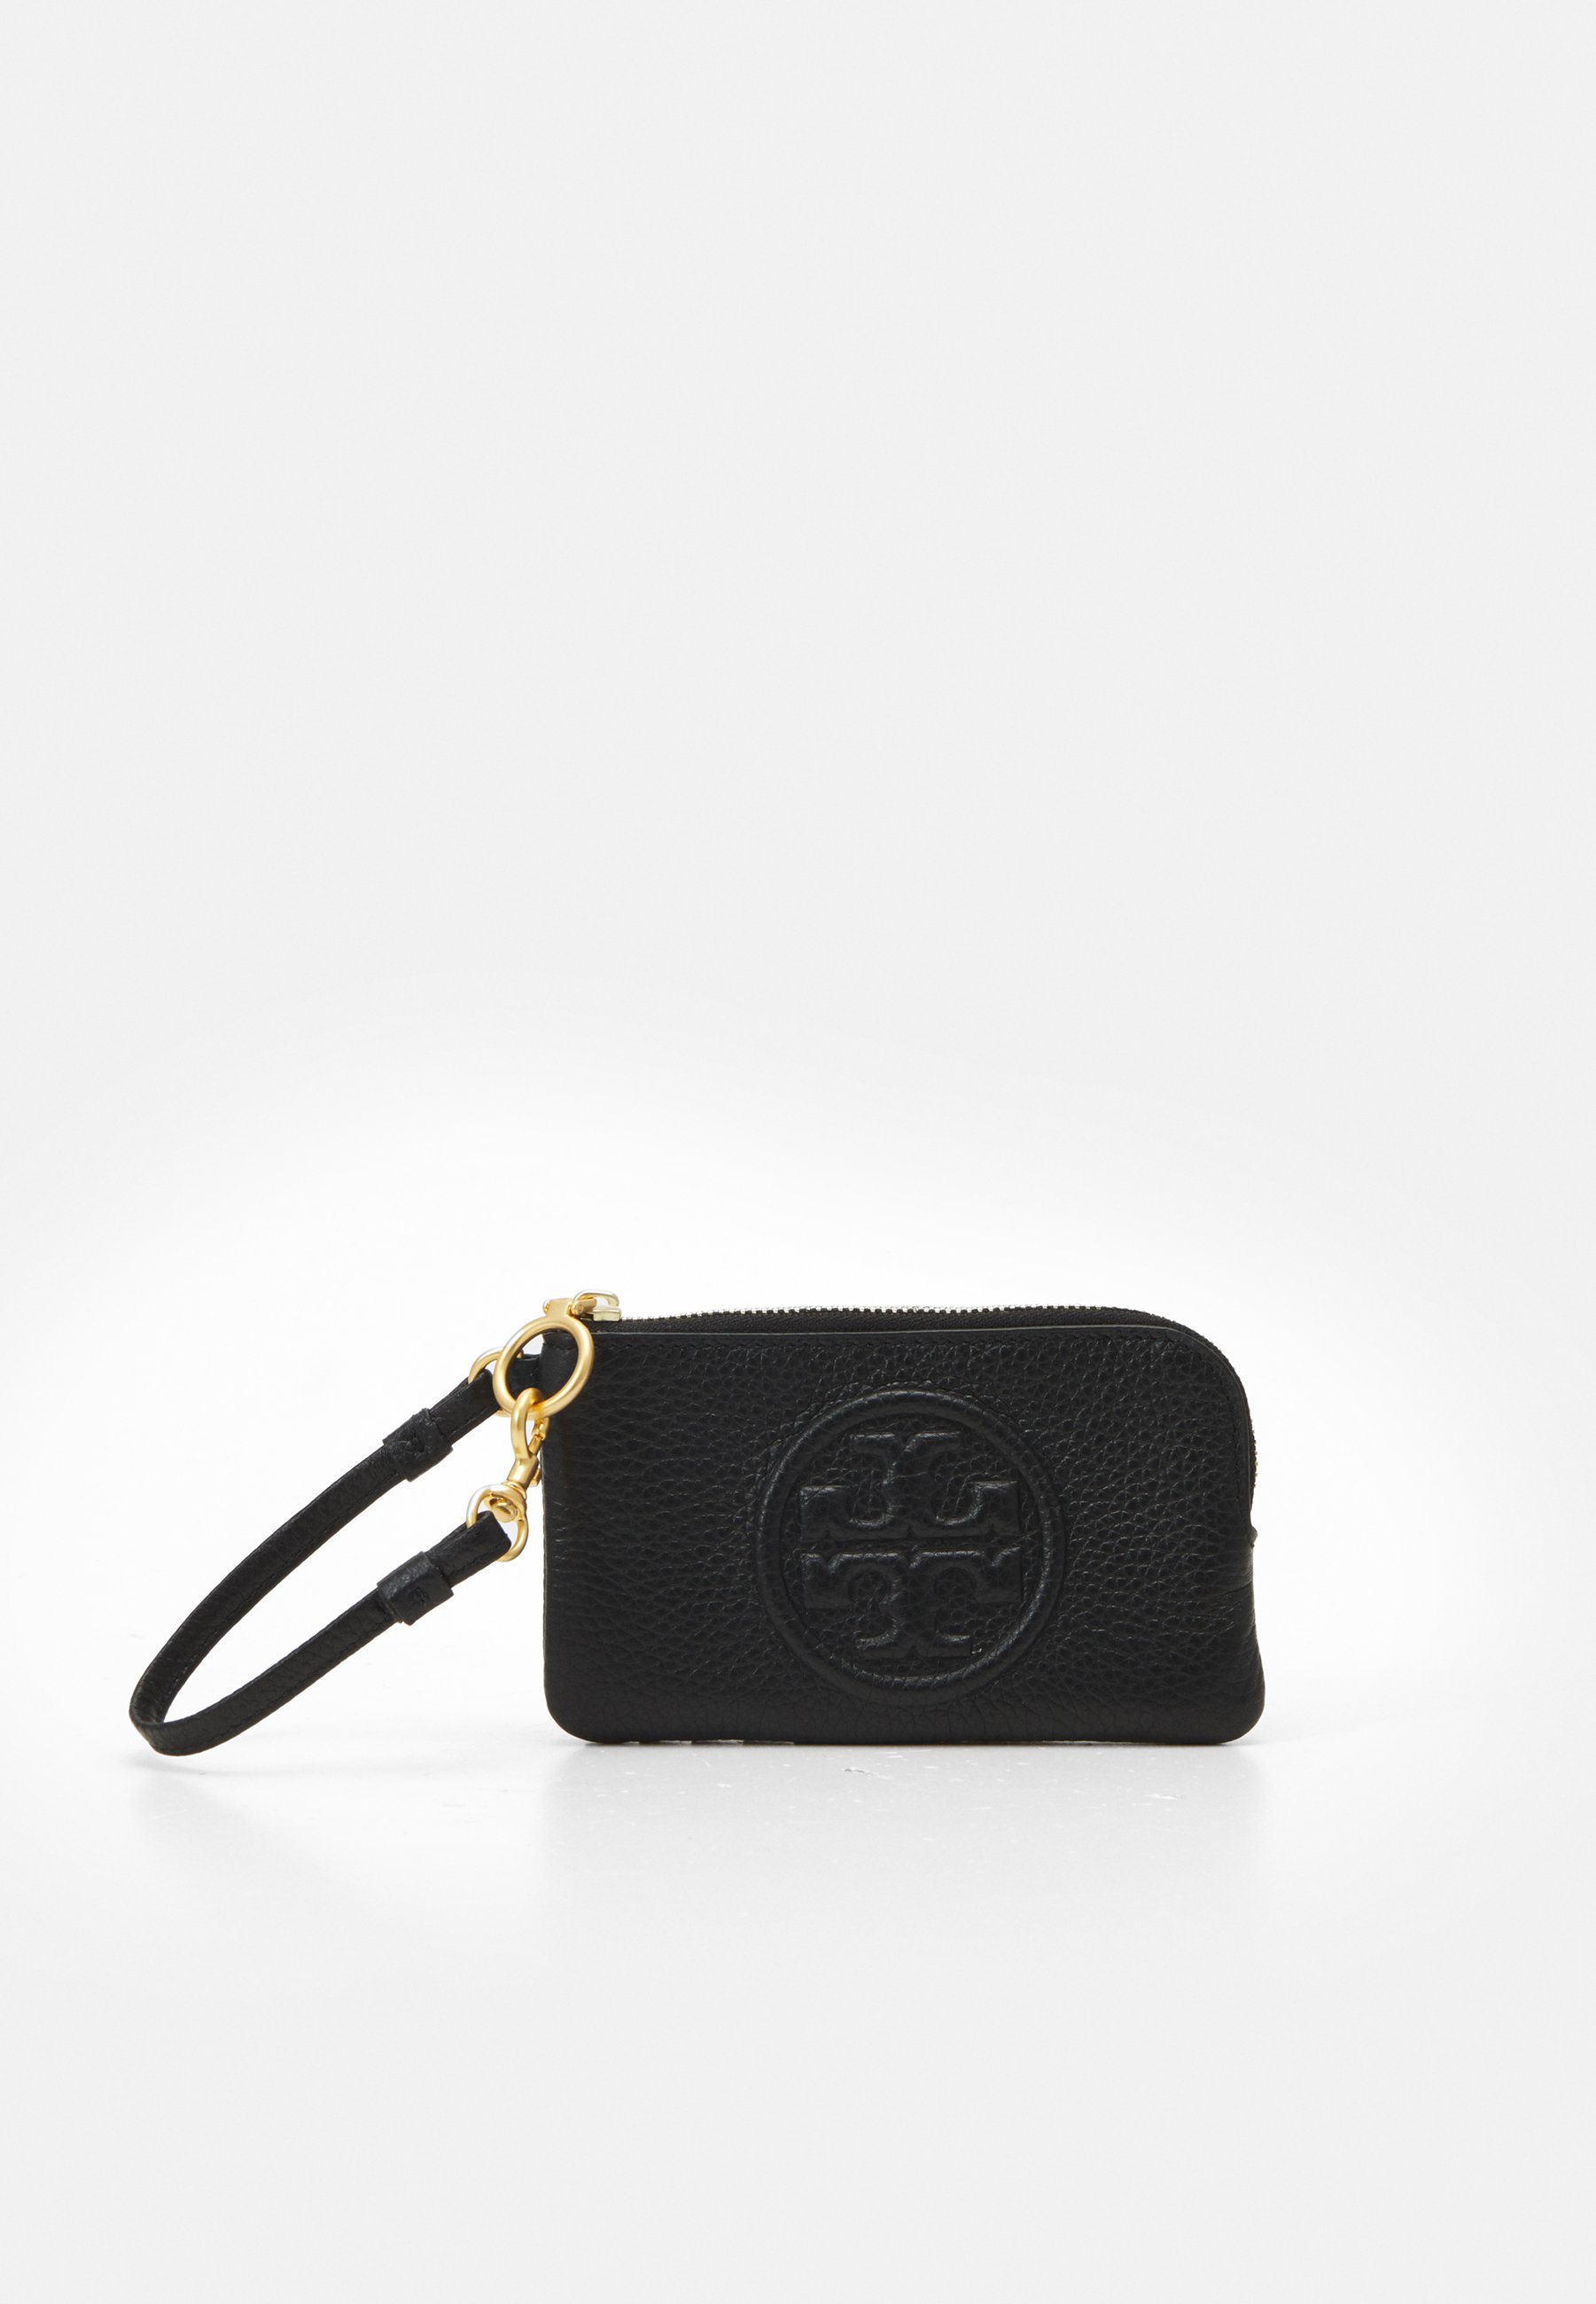 Women PERRY BOMBE TOP ZIP CARD CASE - Wallet